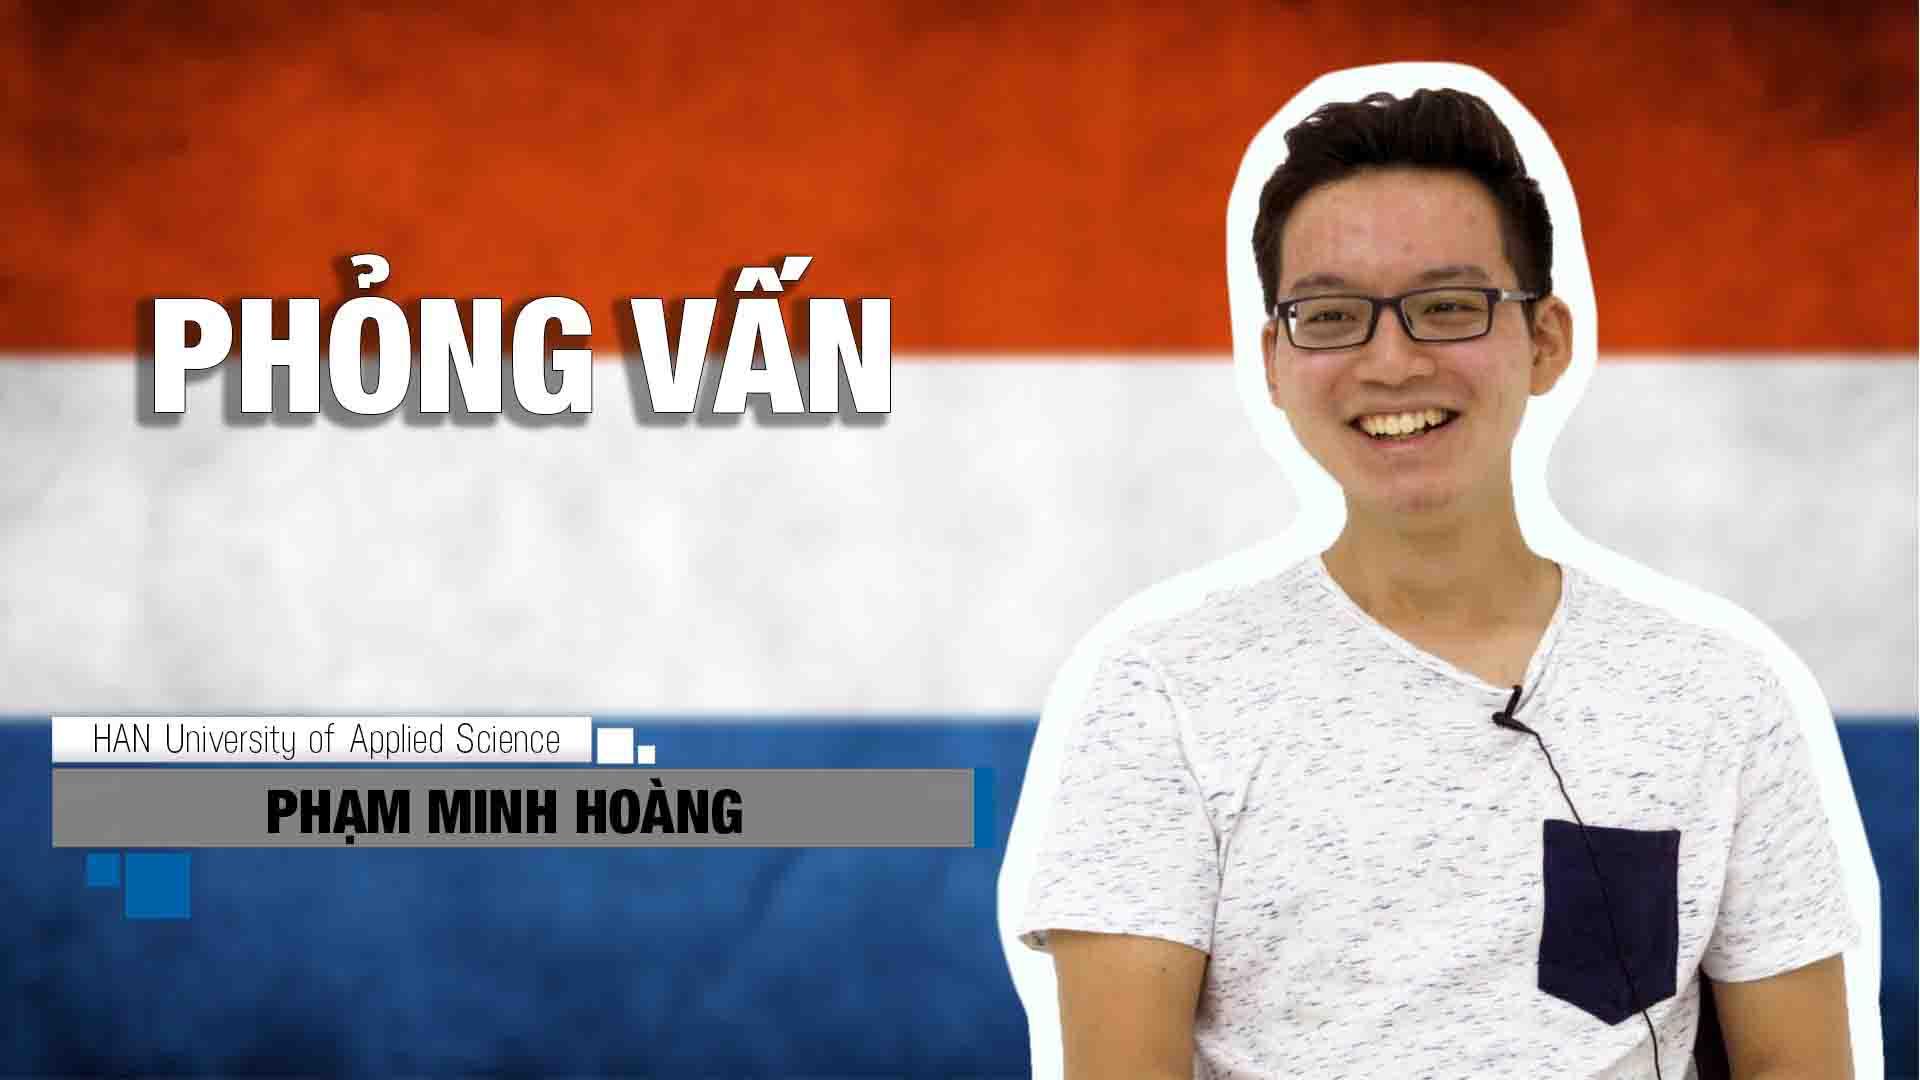 Bạn có muốn biết để đi học Hà Lan bạn phải trả lời những câu phỏng vấn gì? Và làm thế nào để chuẩn bị cho buổi phỏng vấn? Bạn hãy cùng nghe bạn Phạm Minh Hoàng chia sẻ nhé!